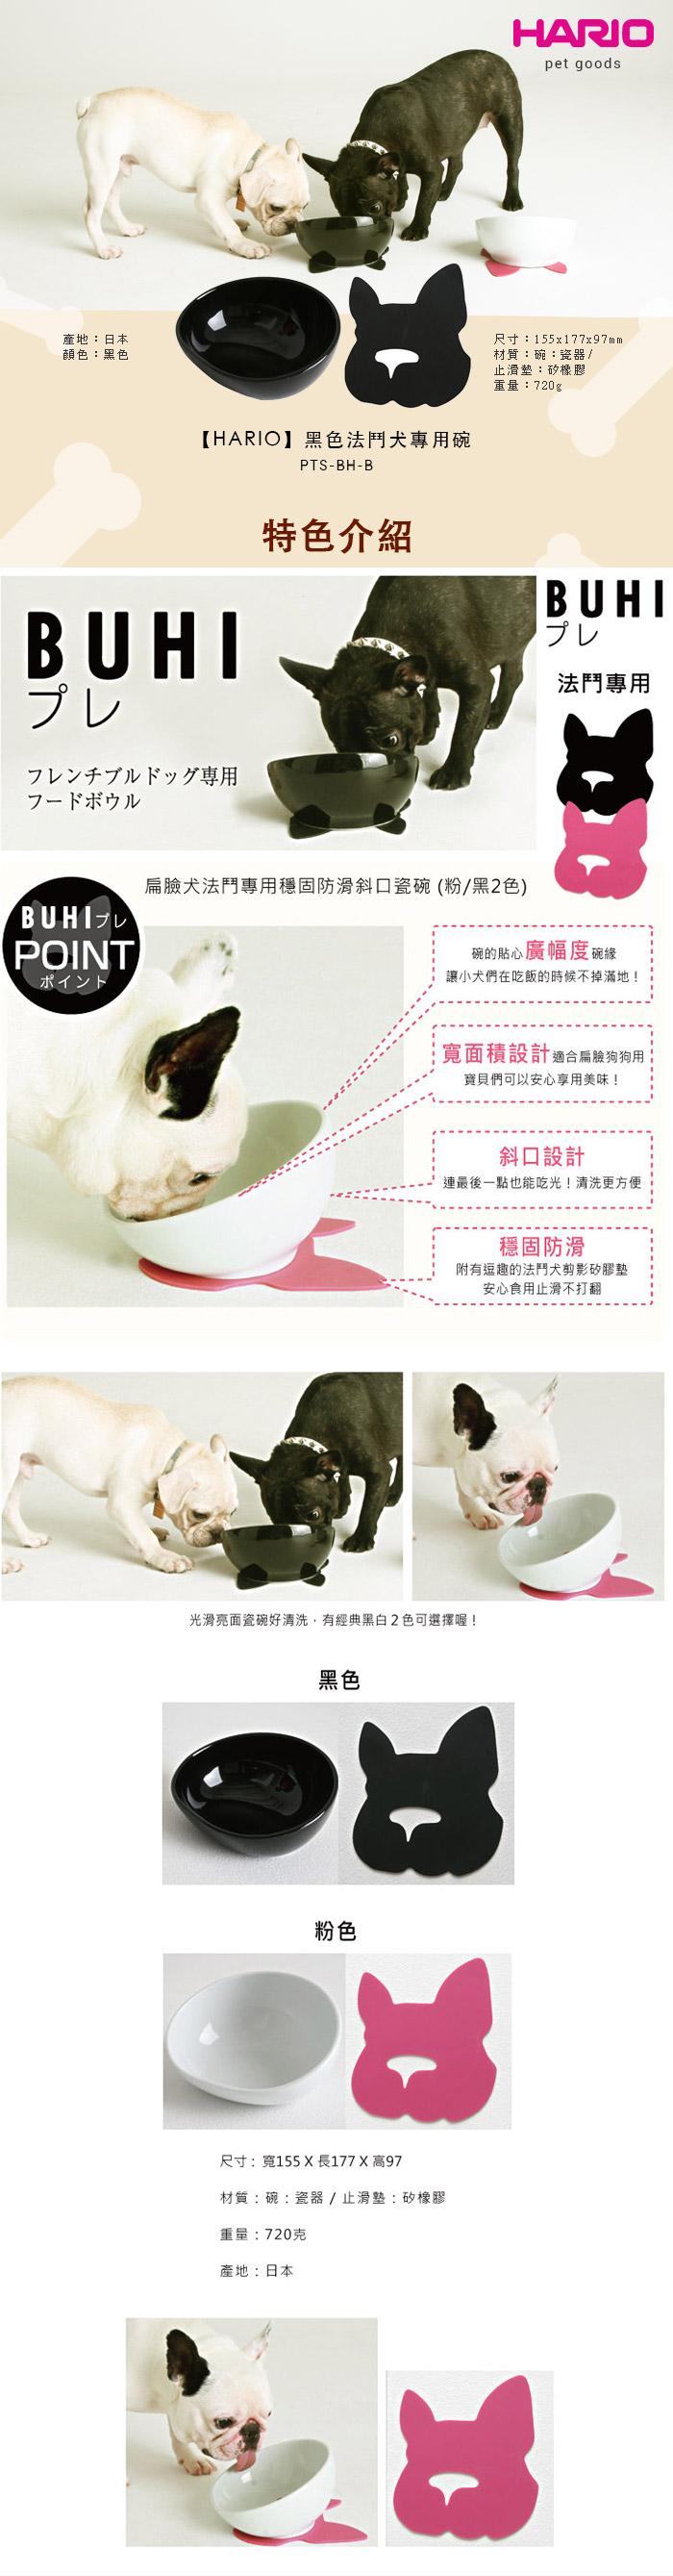 (複製)HARIO  中型犬專用黃色陶瓷小碗  PTS-MA-MY